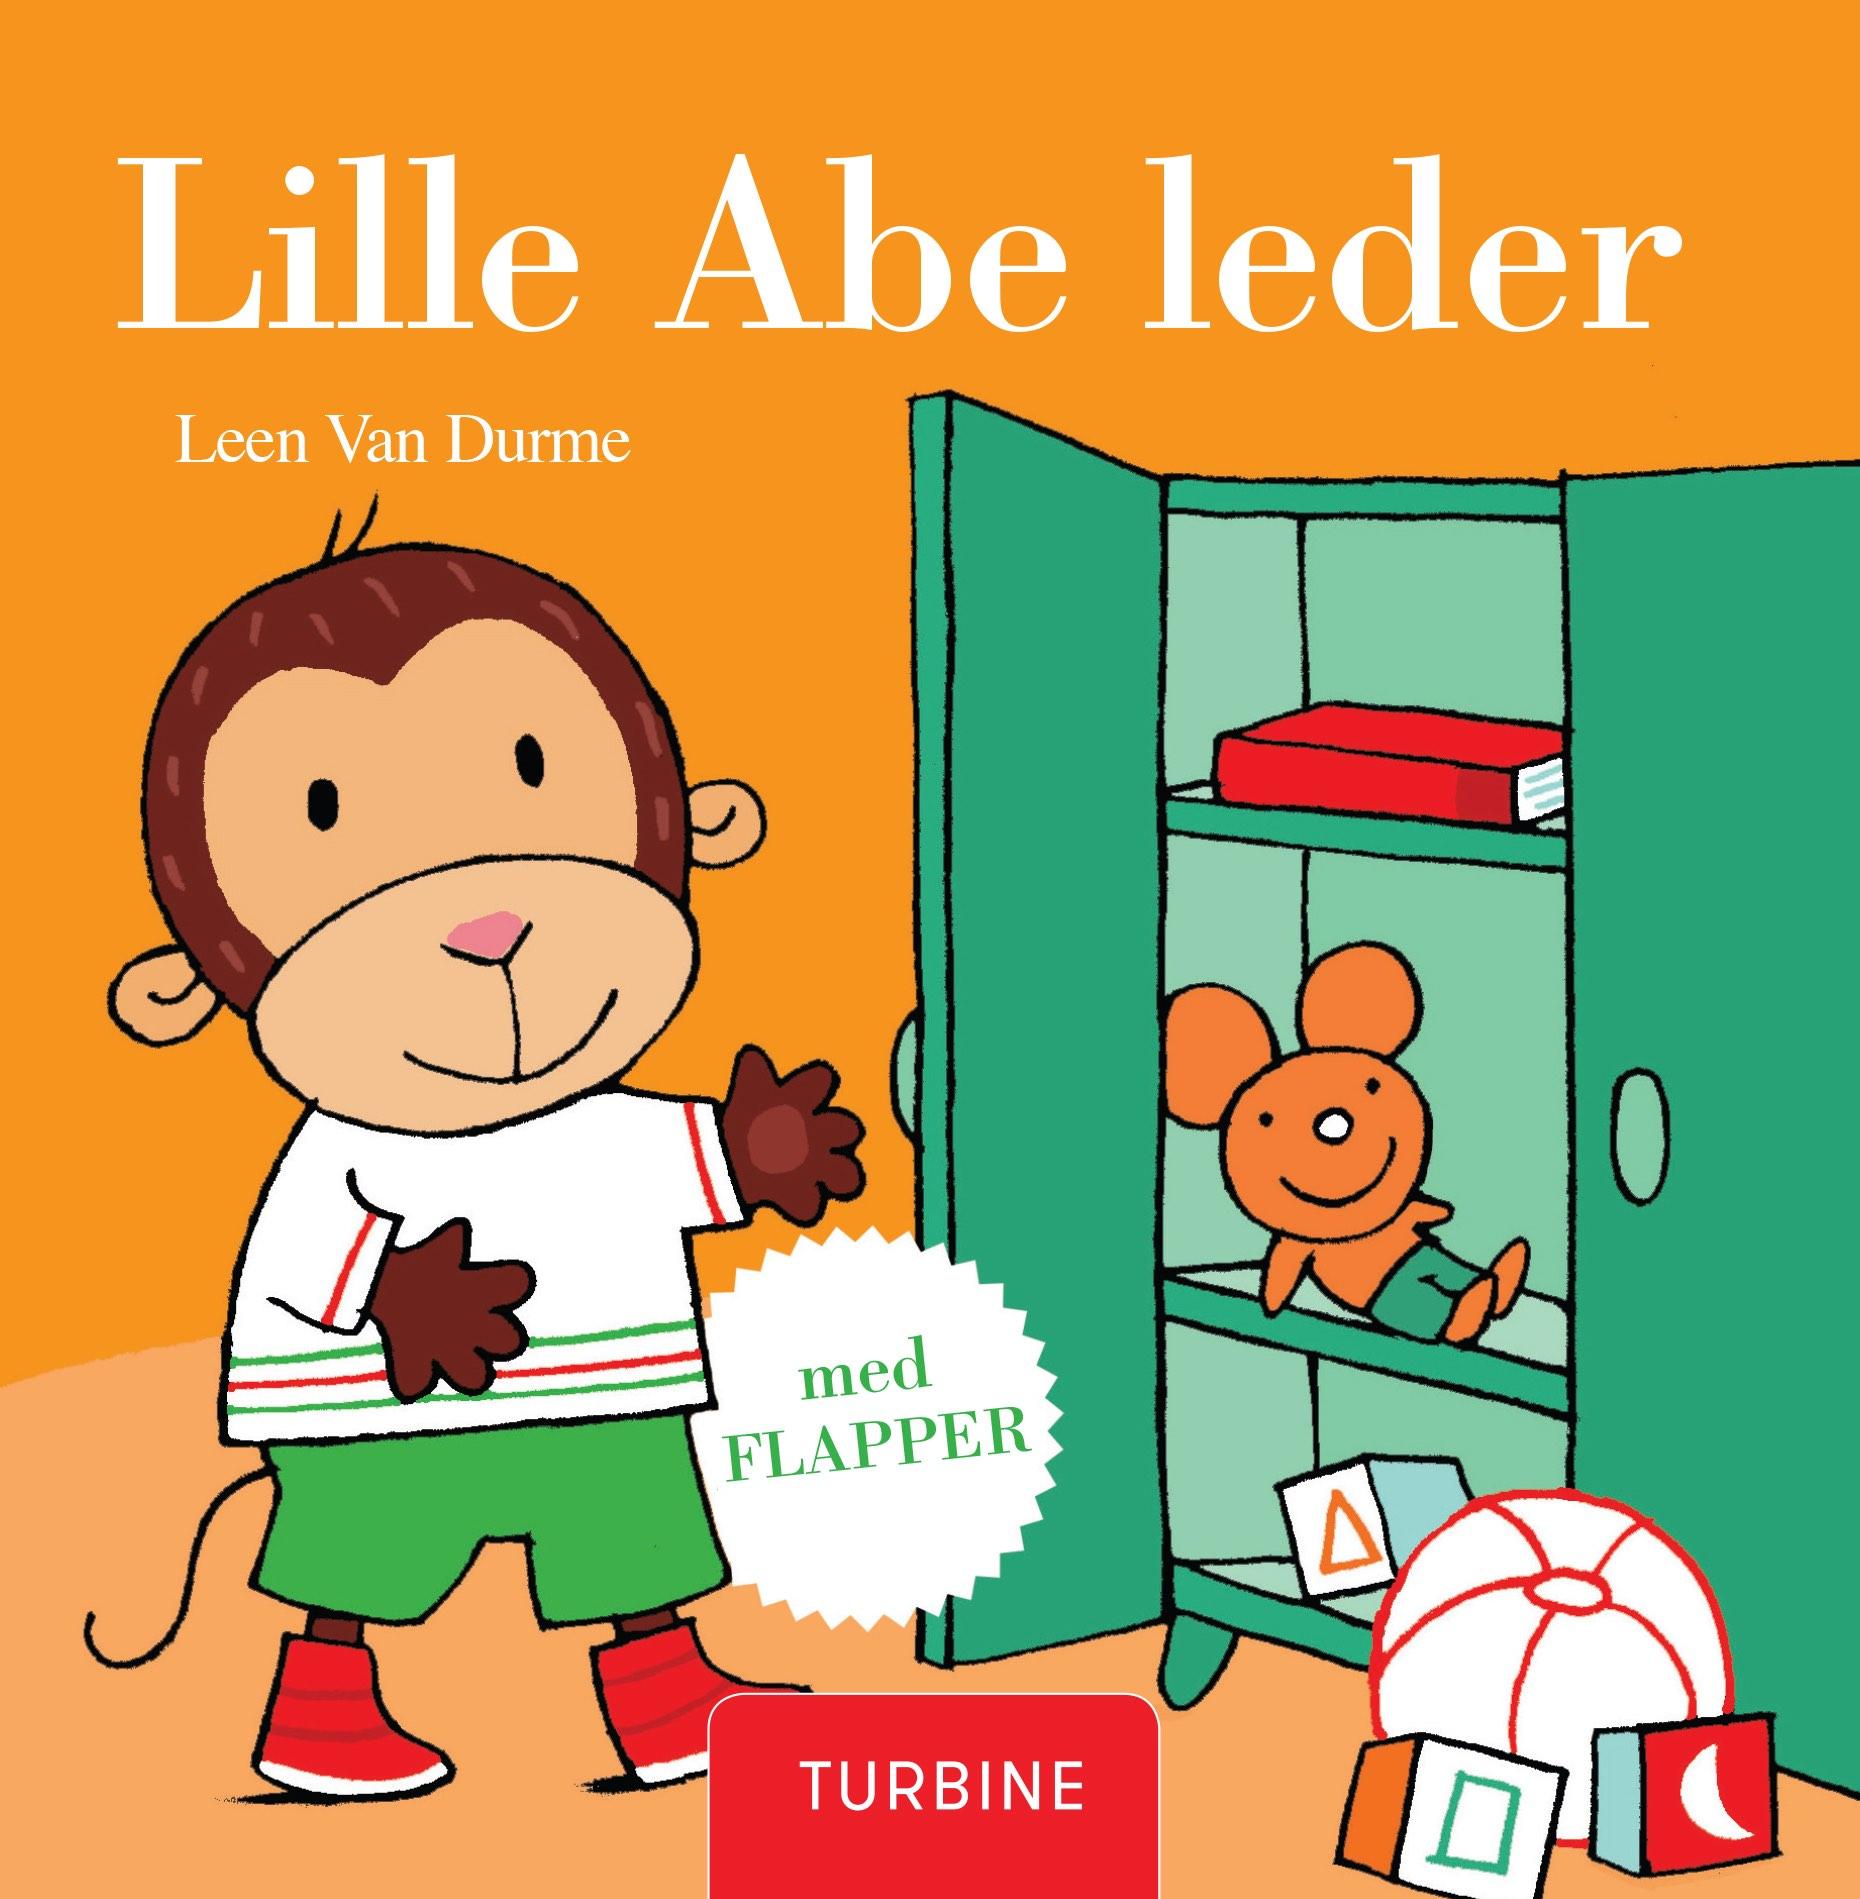 Lille Abe leder